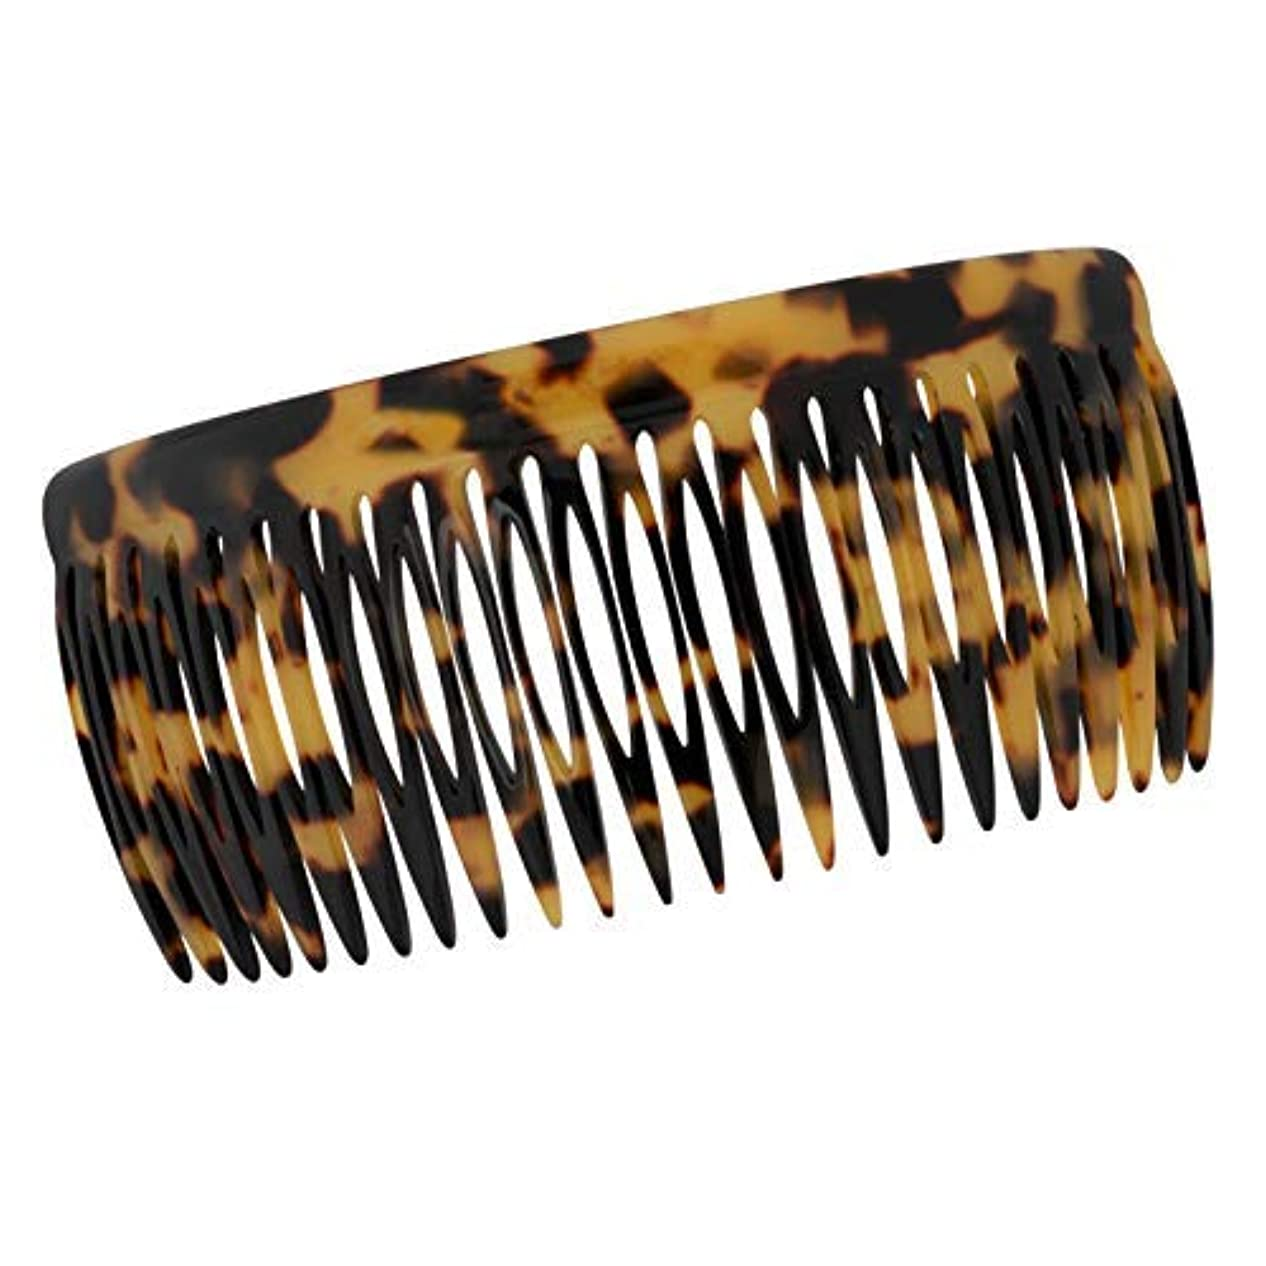 固体はっきりしない引き受けるCharles J. Wahba Long Classic Long Side Comb - 24 Teeth - Handmade in France (Tokyo Tortoise Color) [並行輸入品]